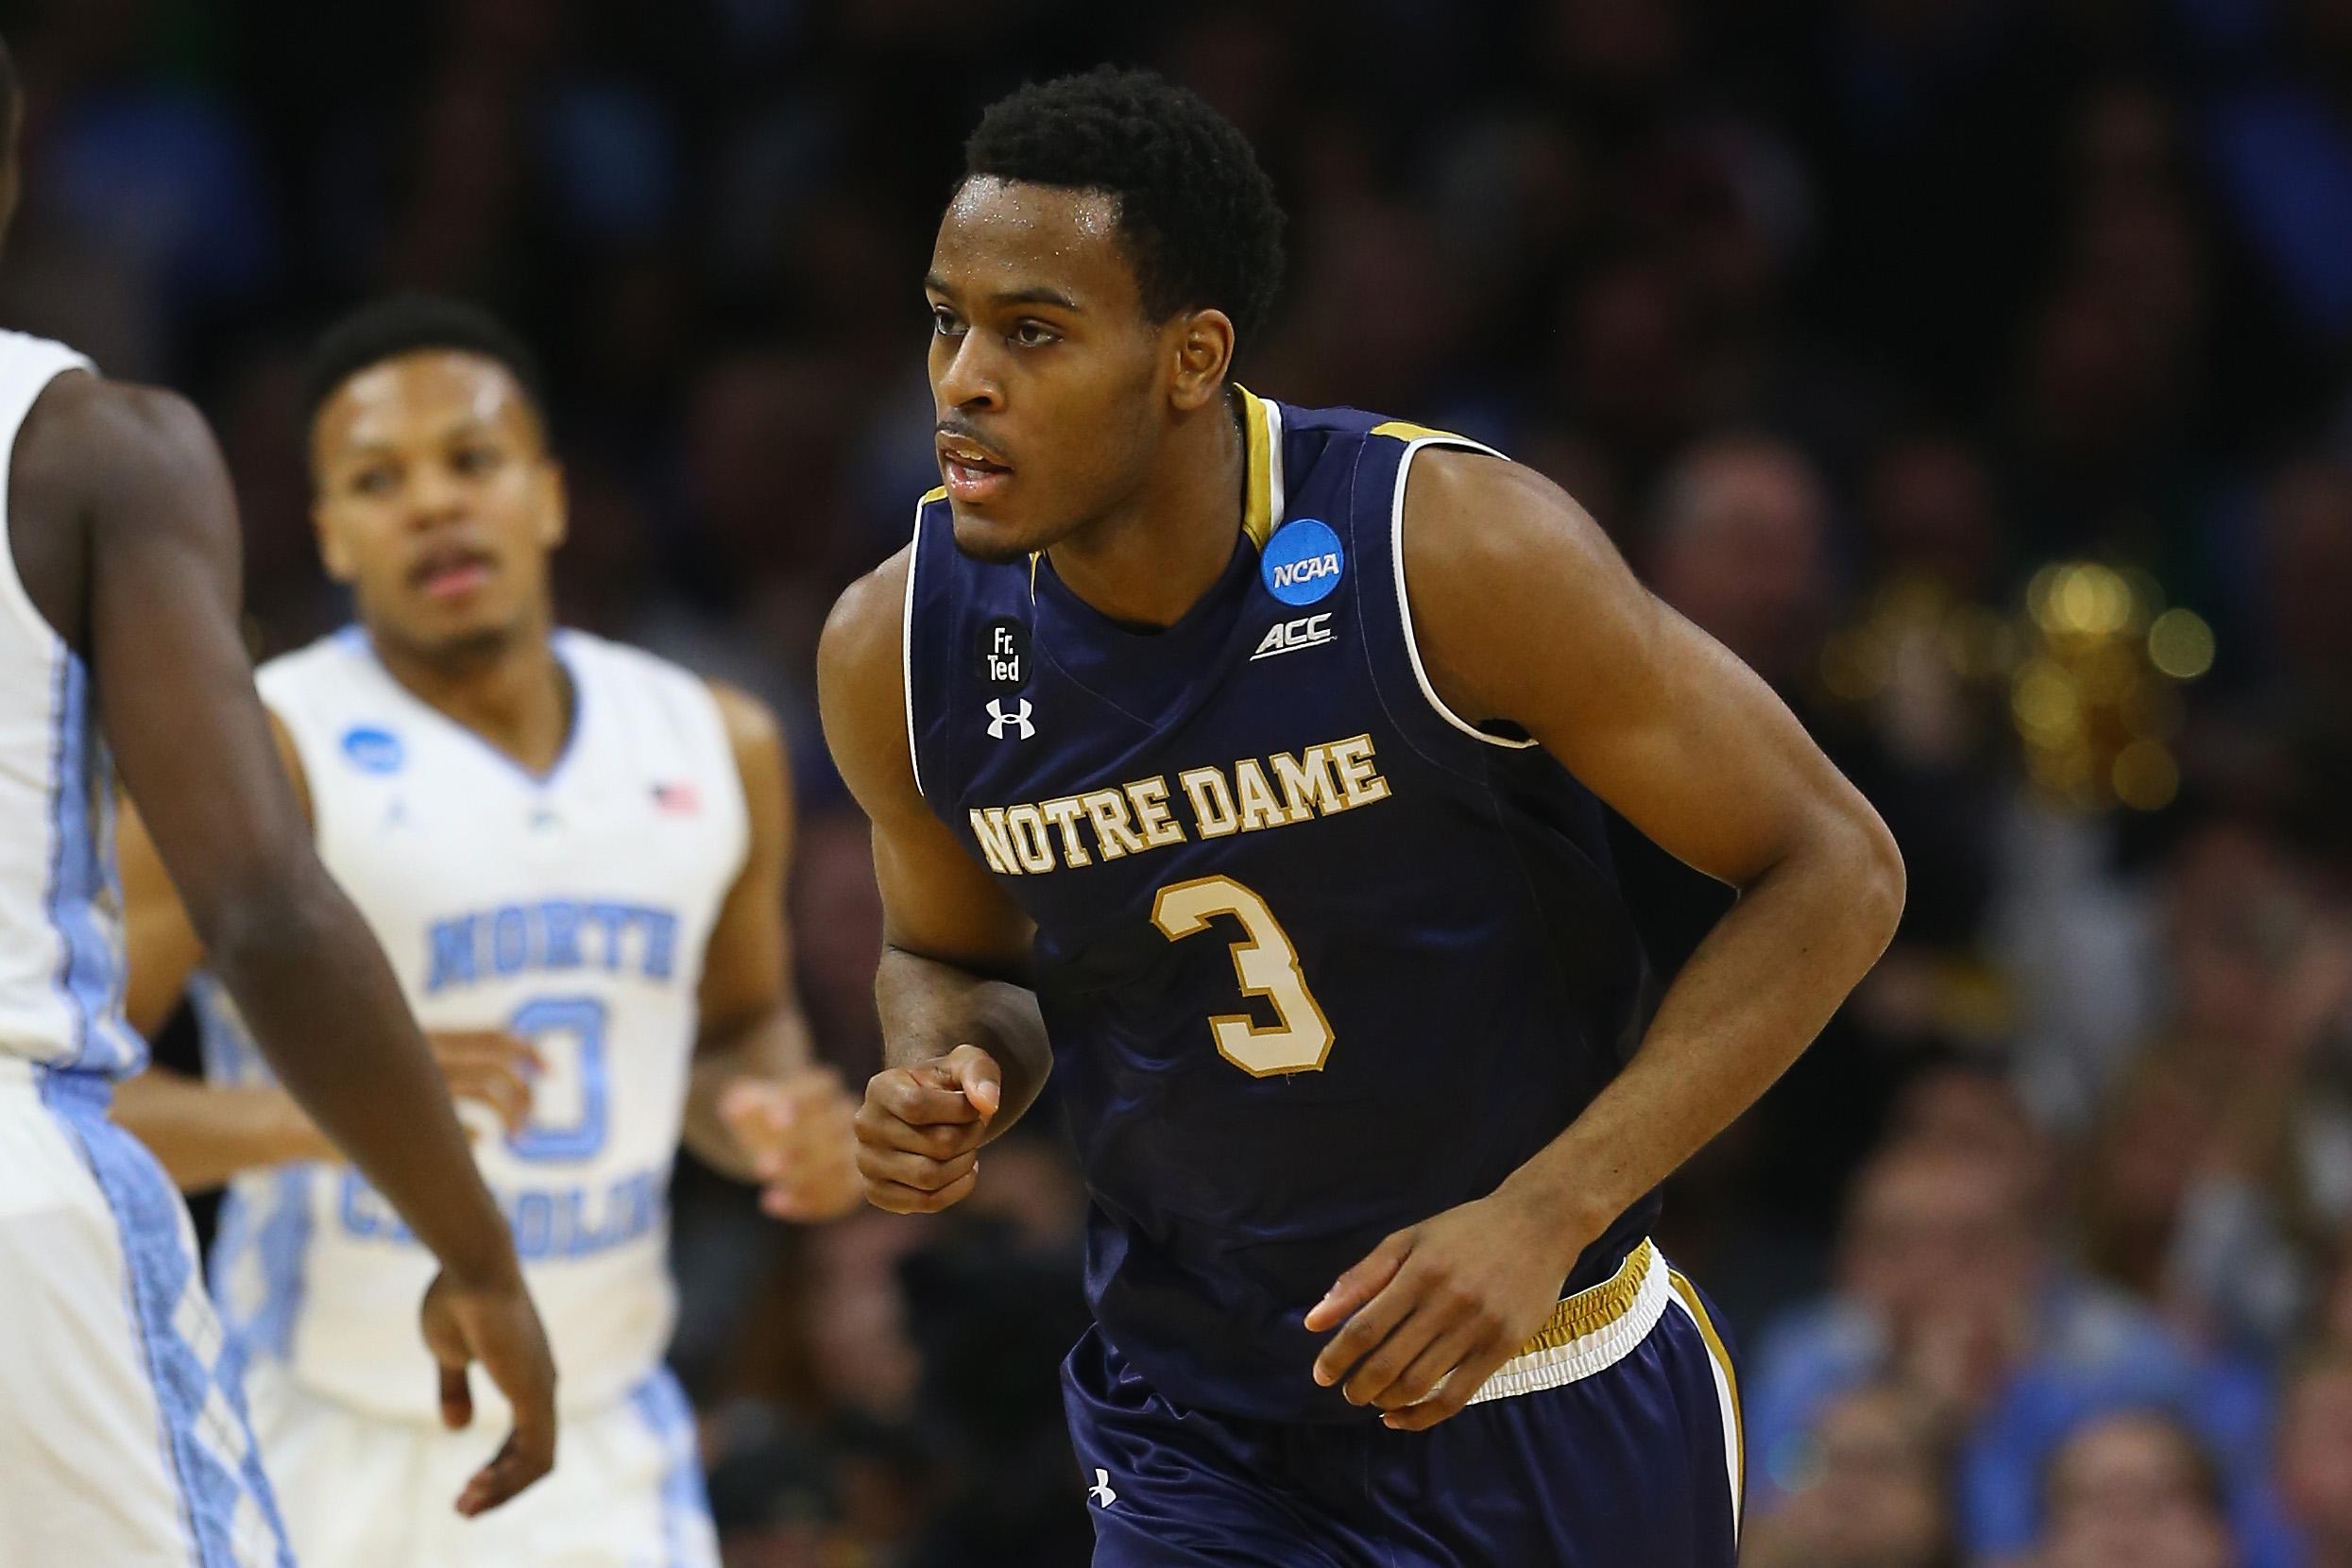 NCAA Basketball Tournament - East Regional - Notre Dame v North Carolina